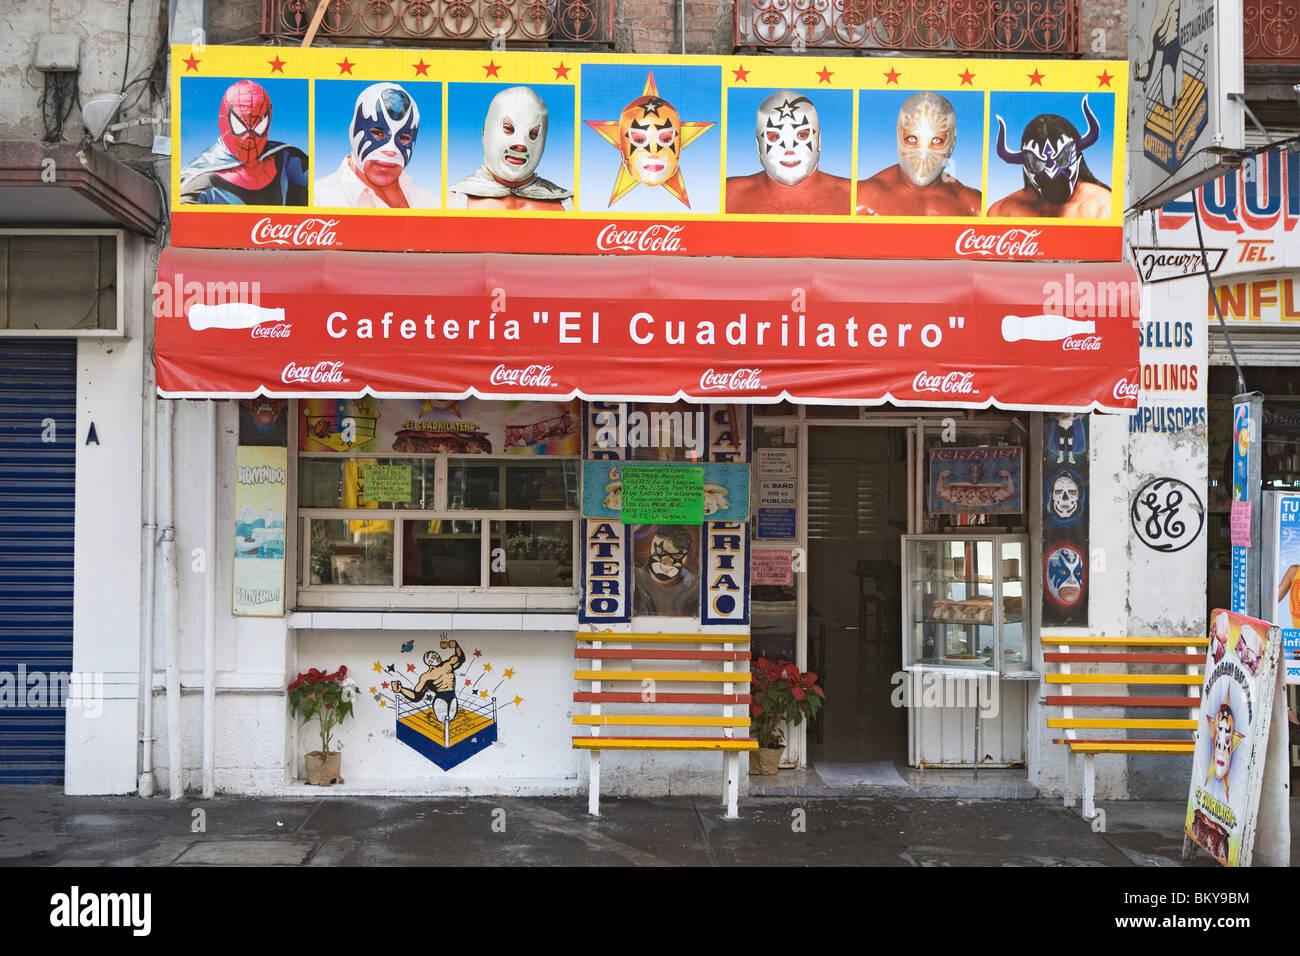 Cafetería con pinturas que ilustran el uso de máscaras de la lucha libre, distrito de Alameda, ciudad de México, México D.F., México Foto de stock